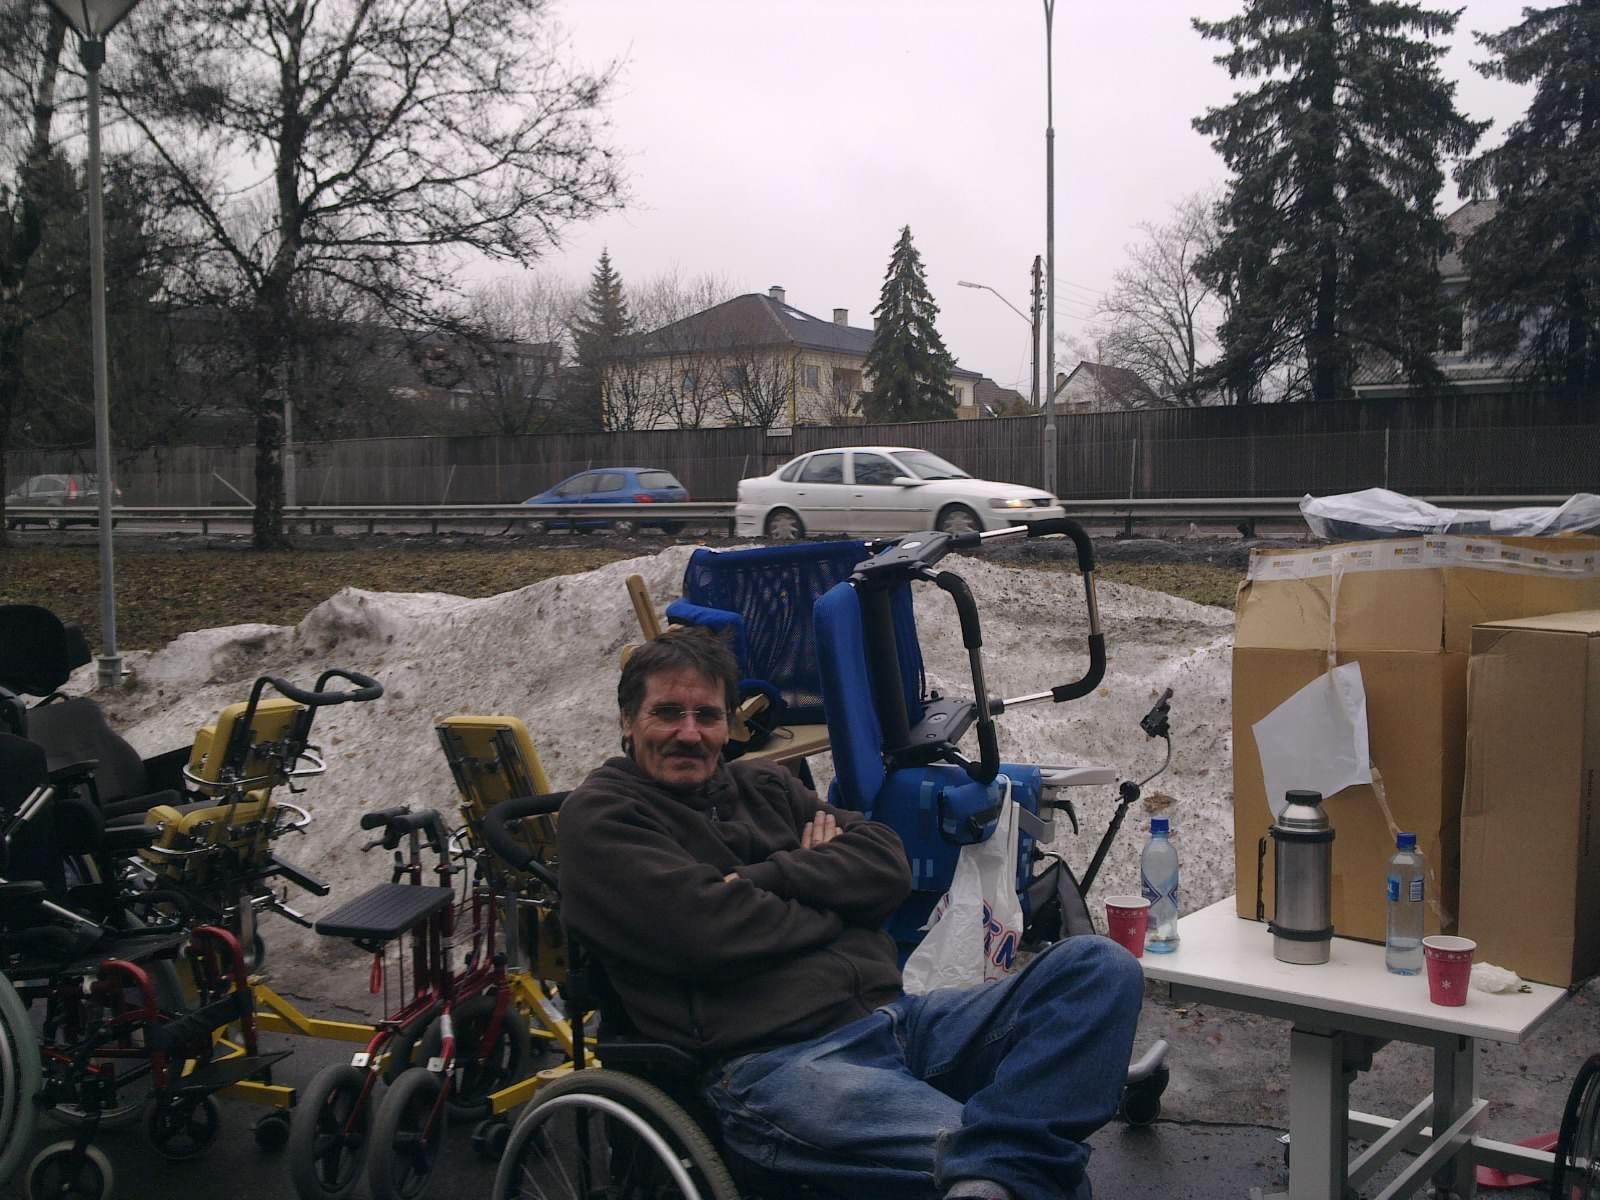 Kaffepause midt mellom biltrafikk, snø og rullestoler